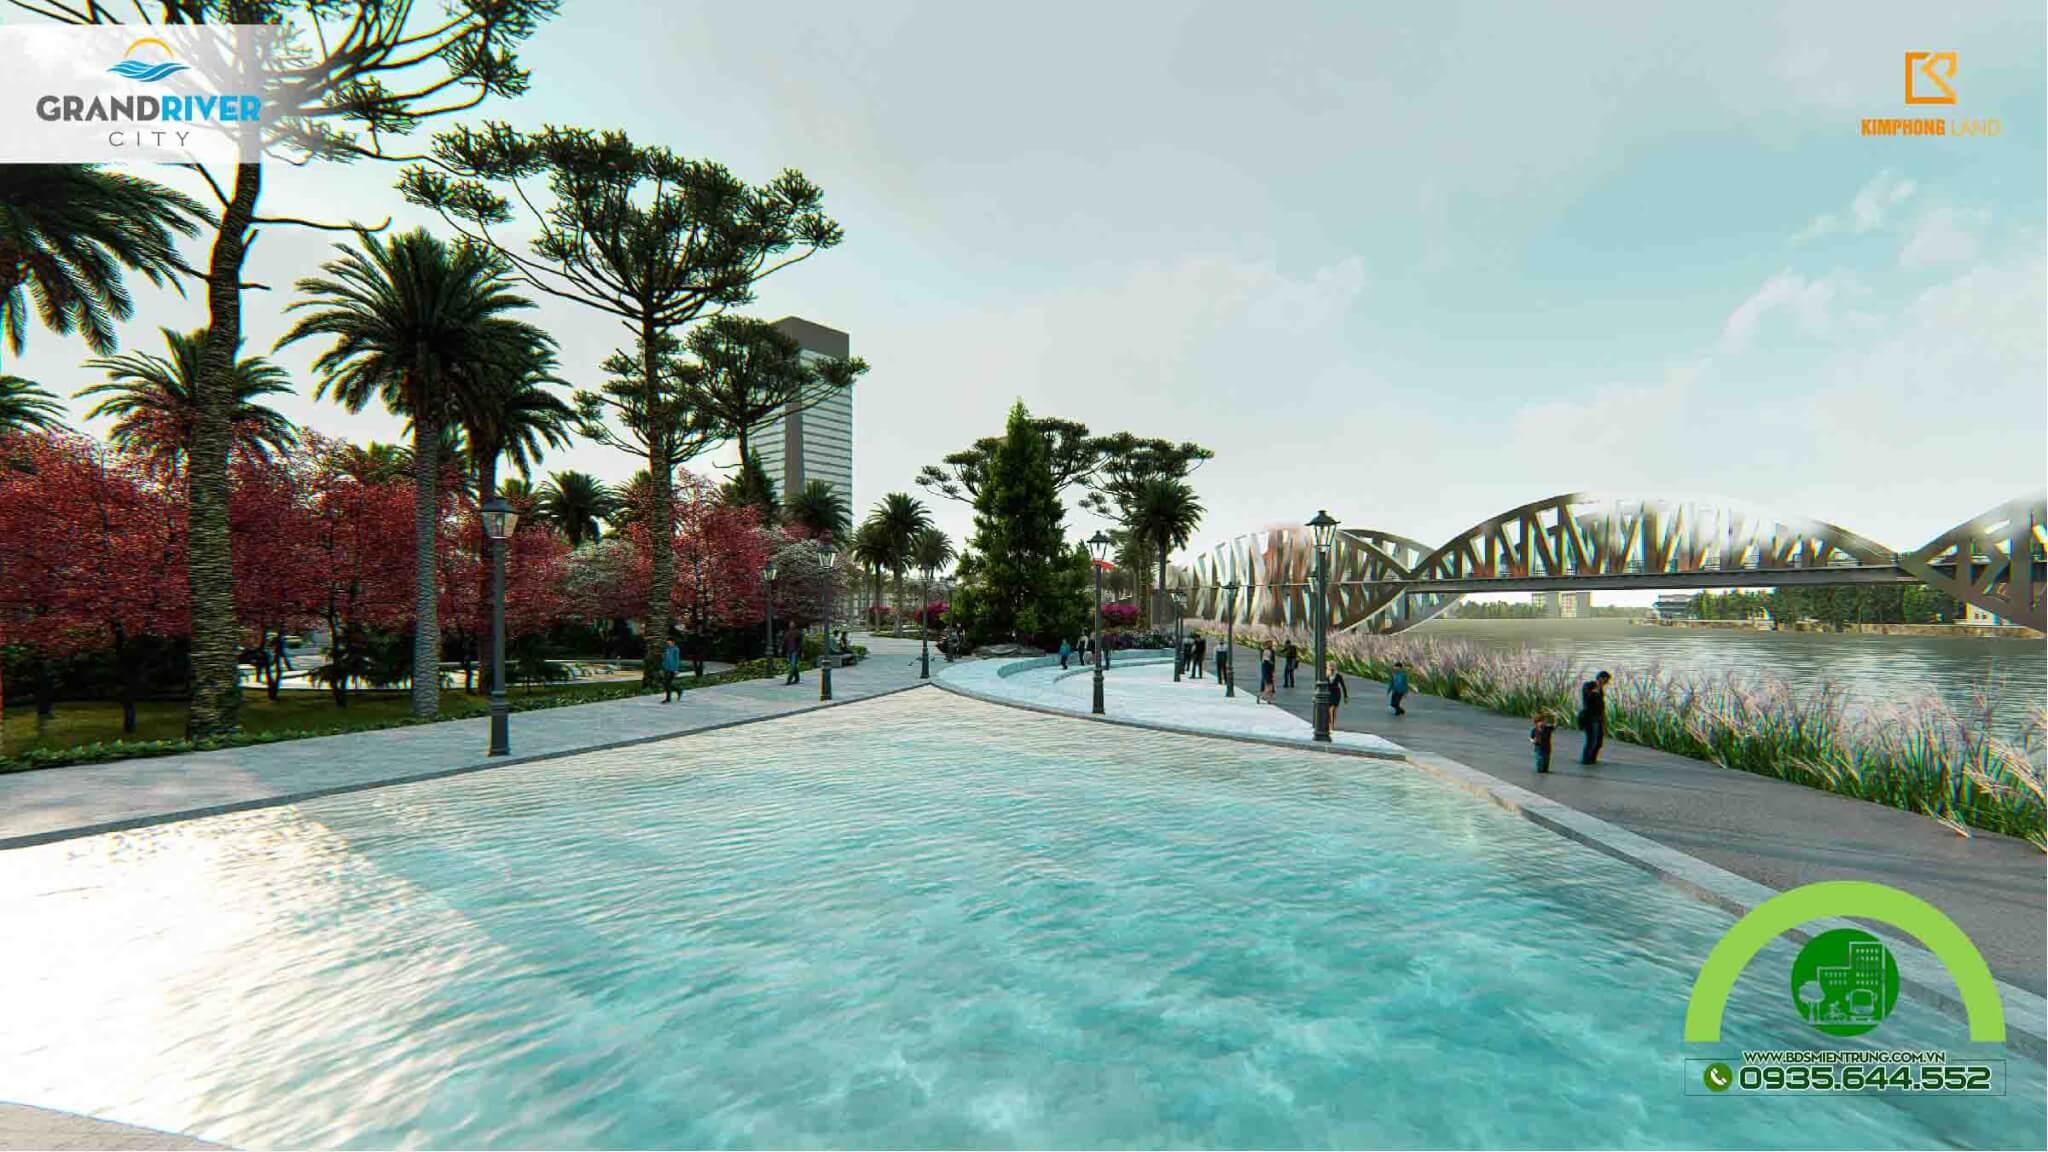 Phối cảnh dự án Grand River City - Ảnh 2